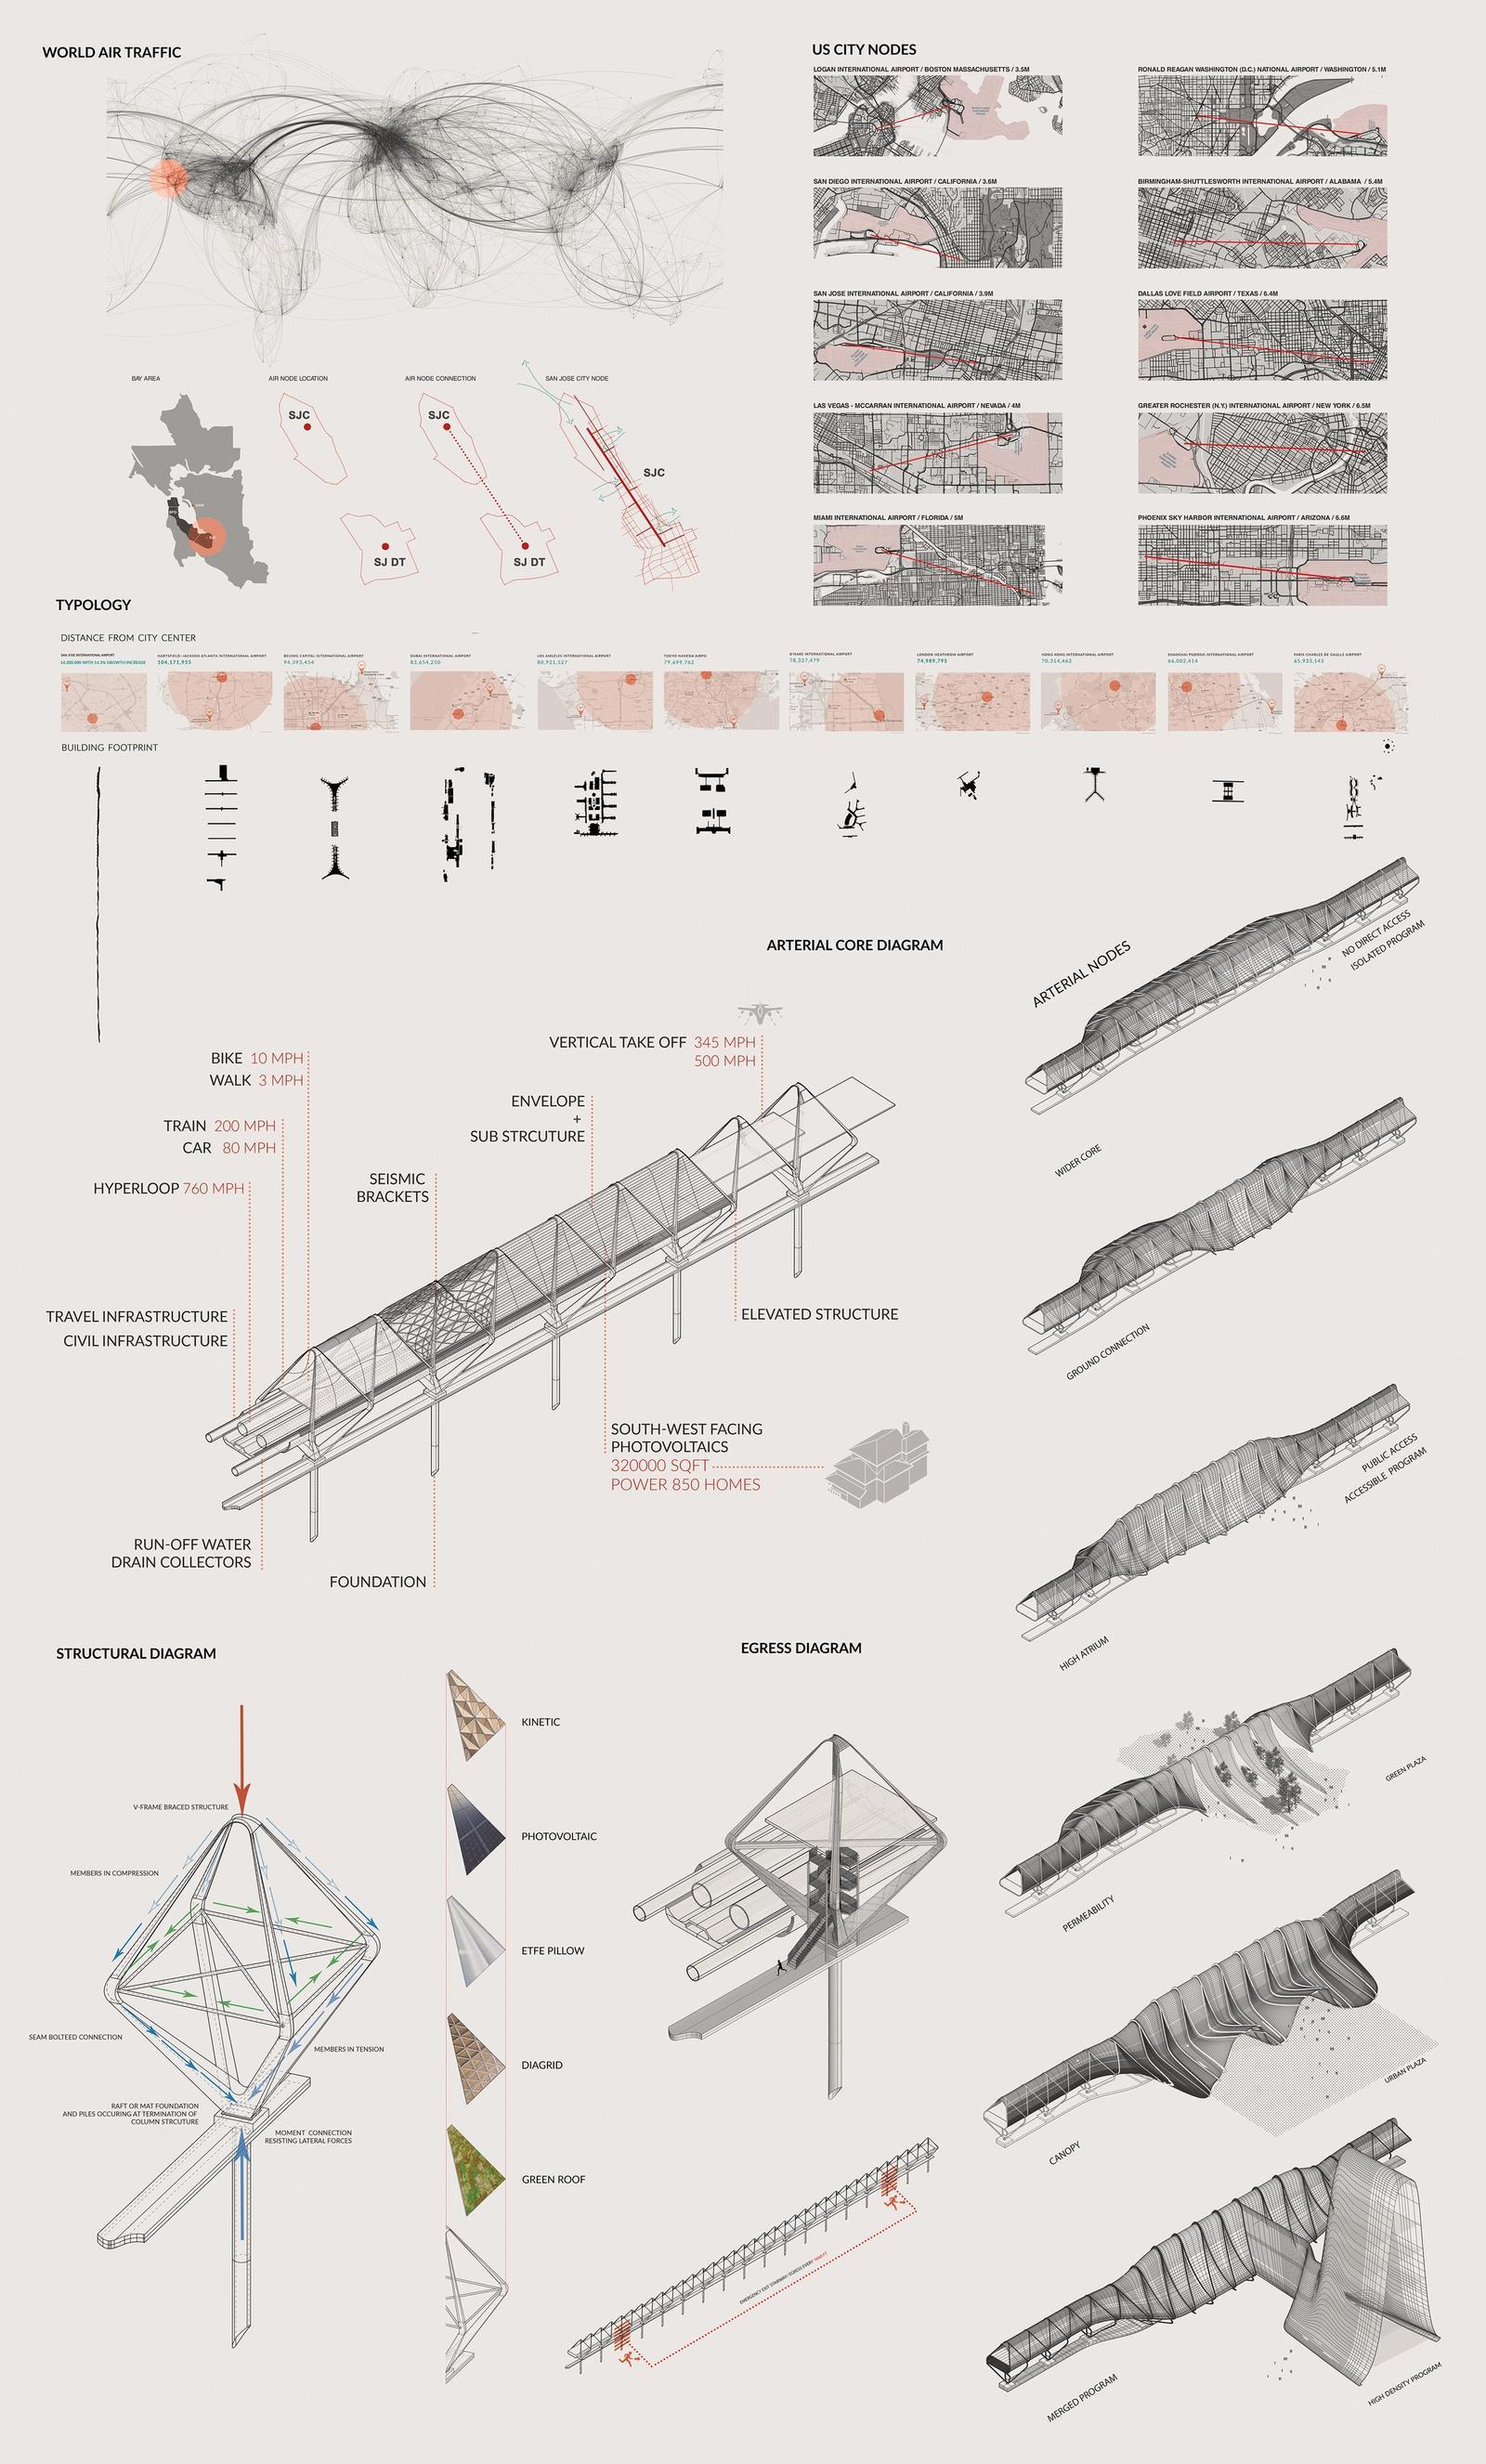 Dana Kaddouh Aviopolis - Concept and Functional Diagrams